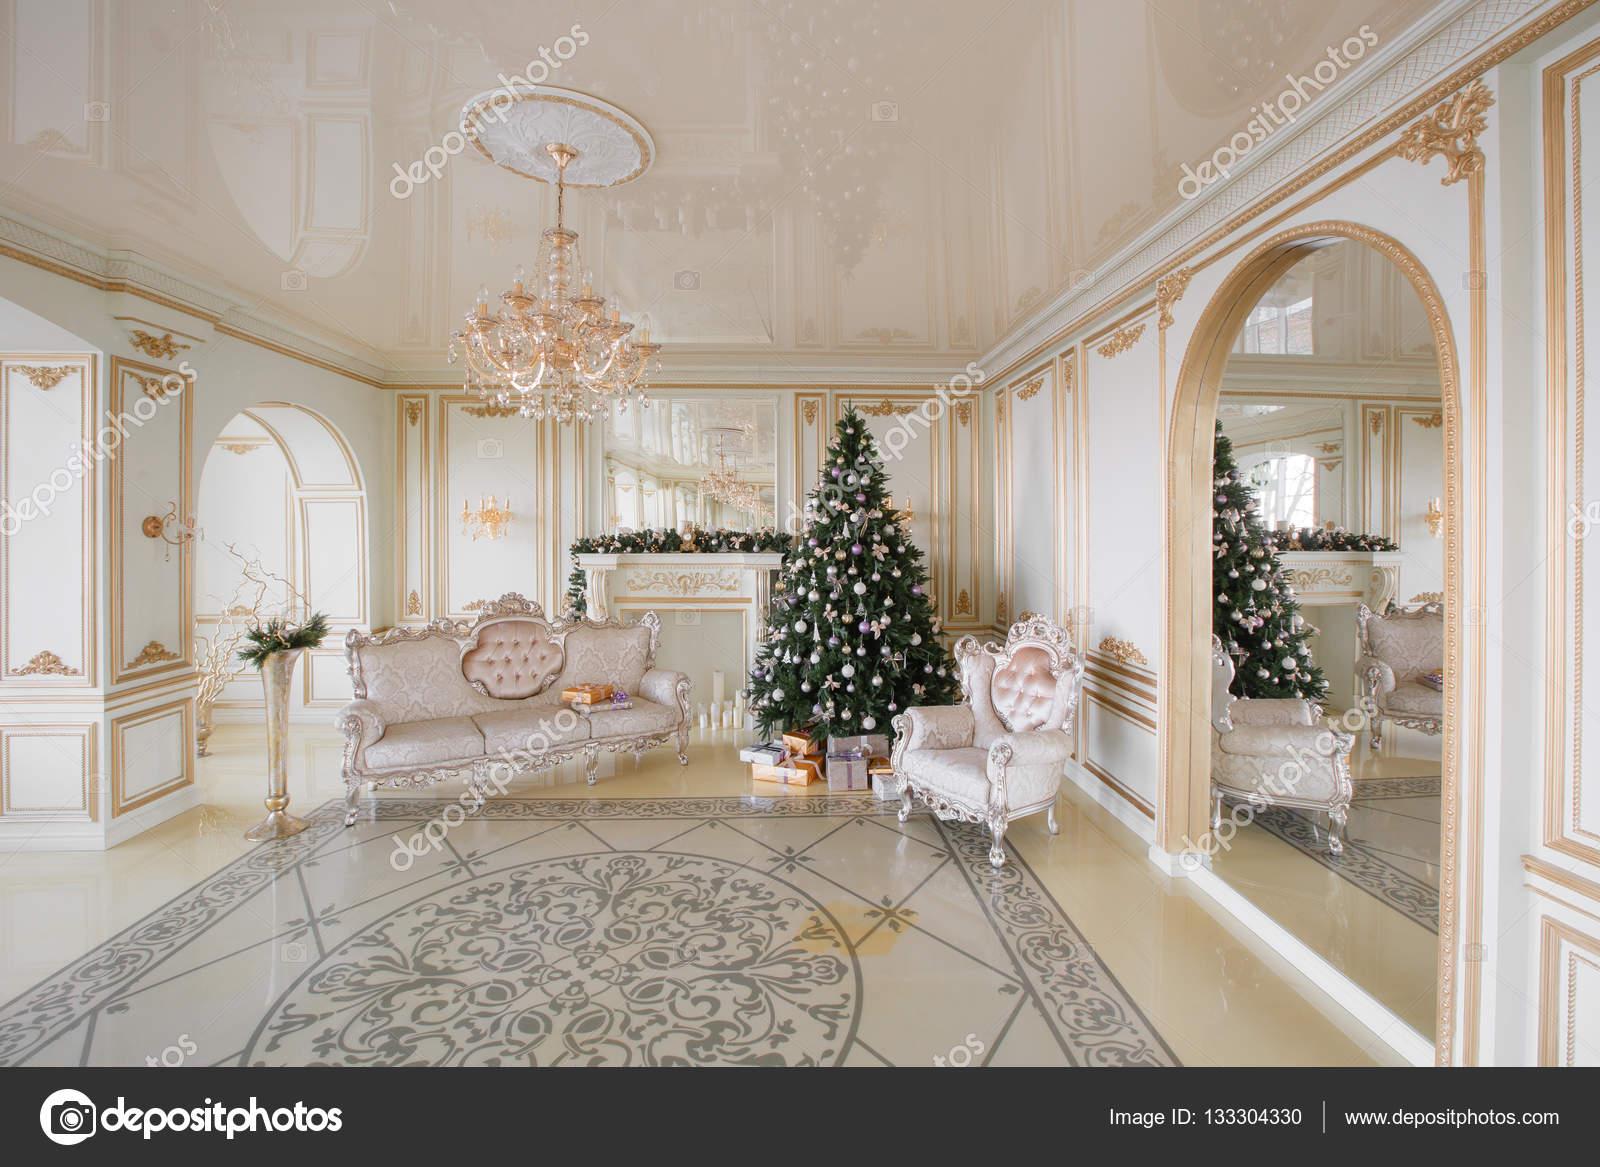 Decorazioni Sala Capodanno : Immagine di calma di interni classico capodanno albero decorato in